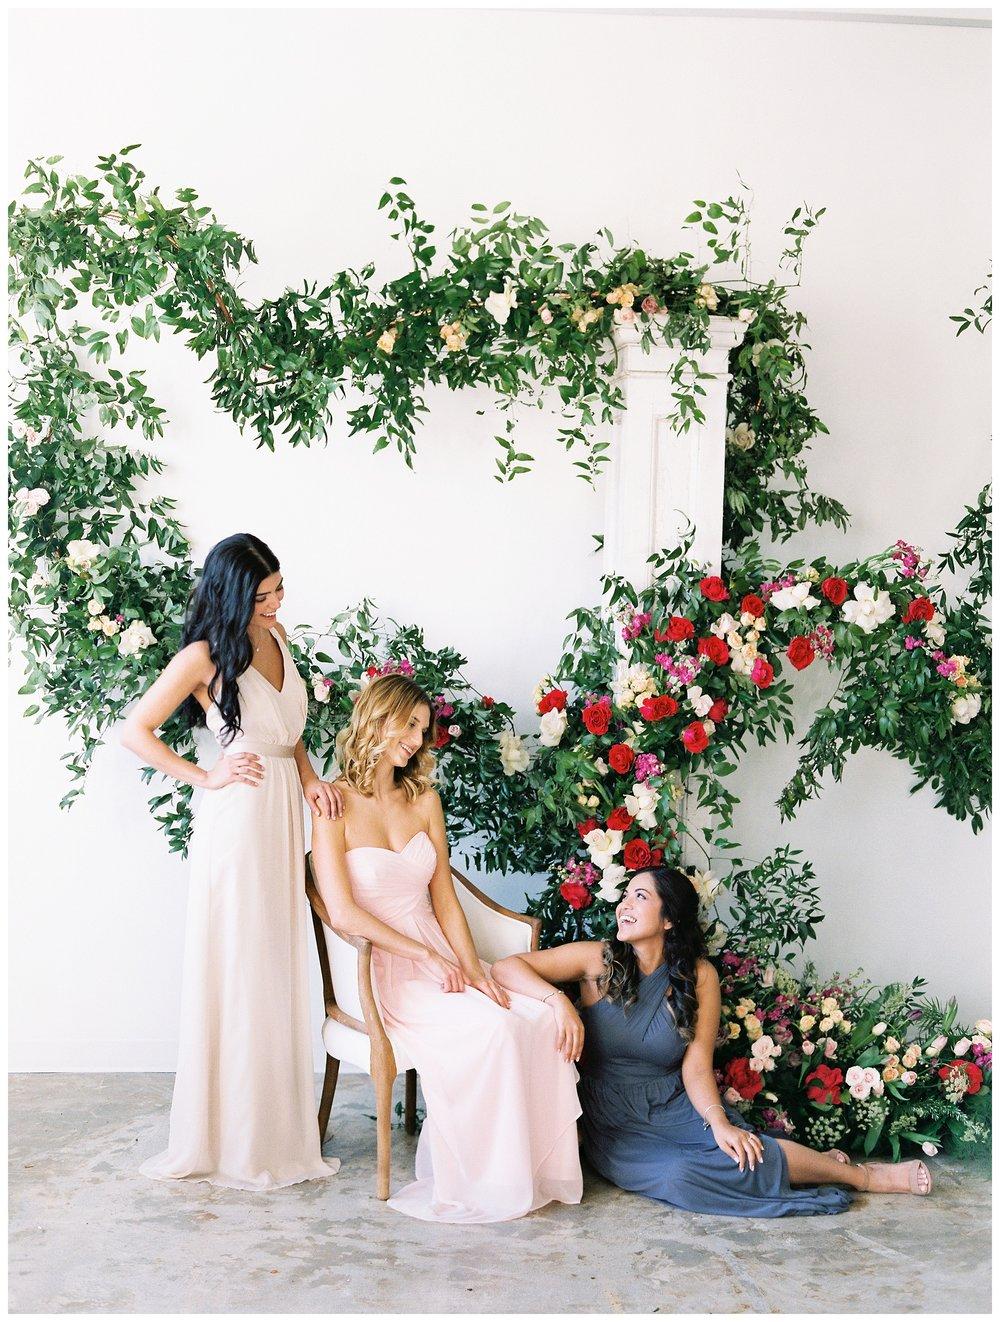 2020_Wedding_Trends_Pantone_0003.jpg